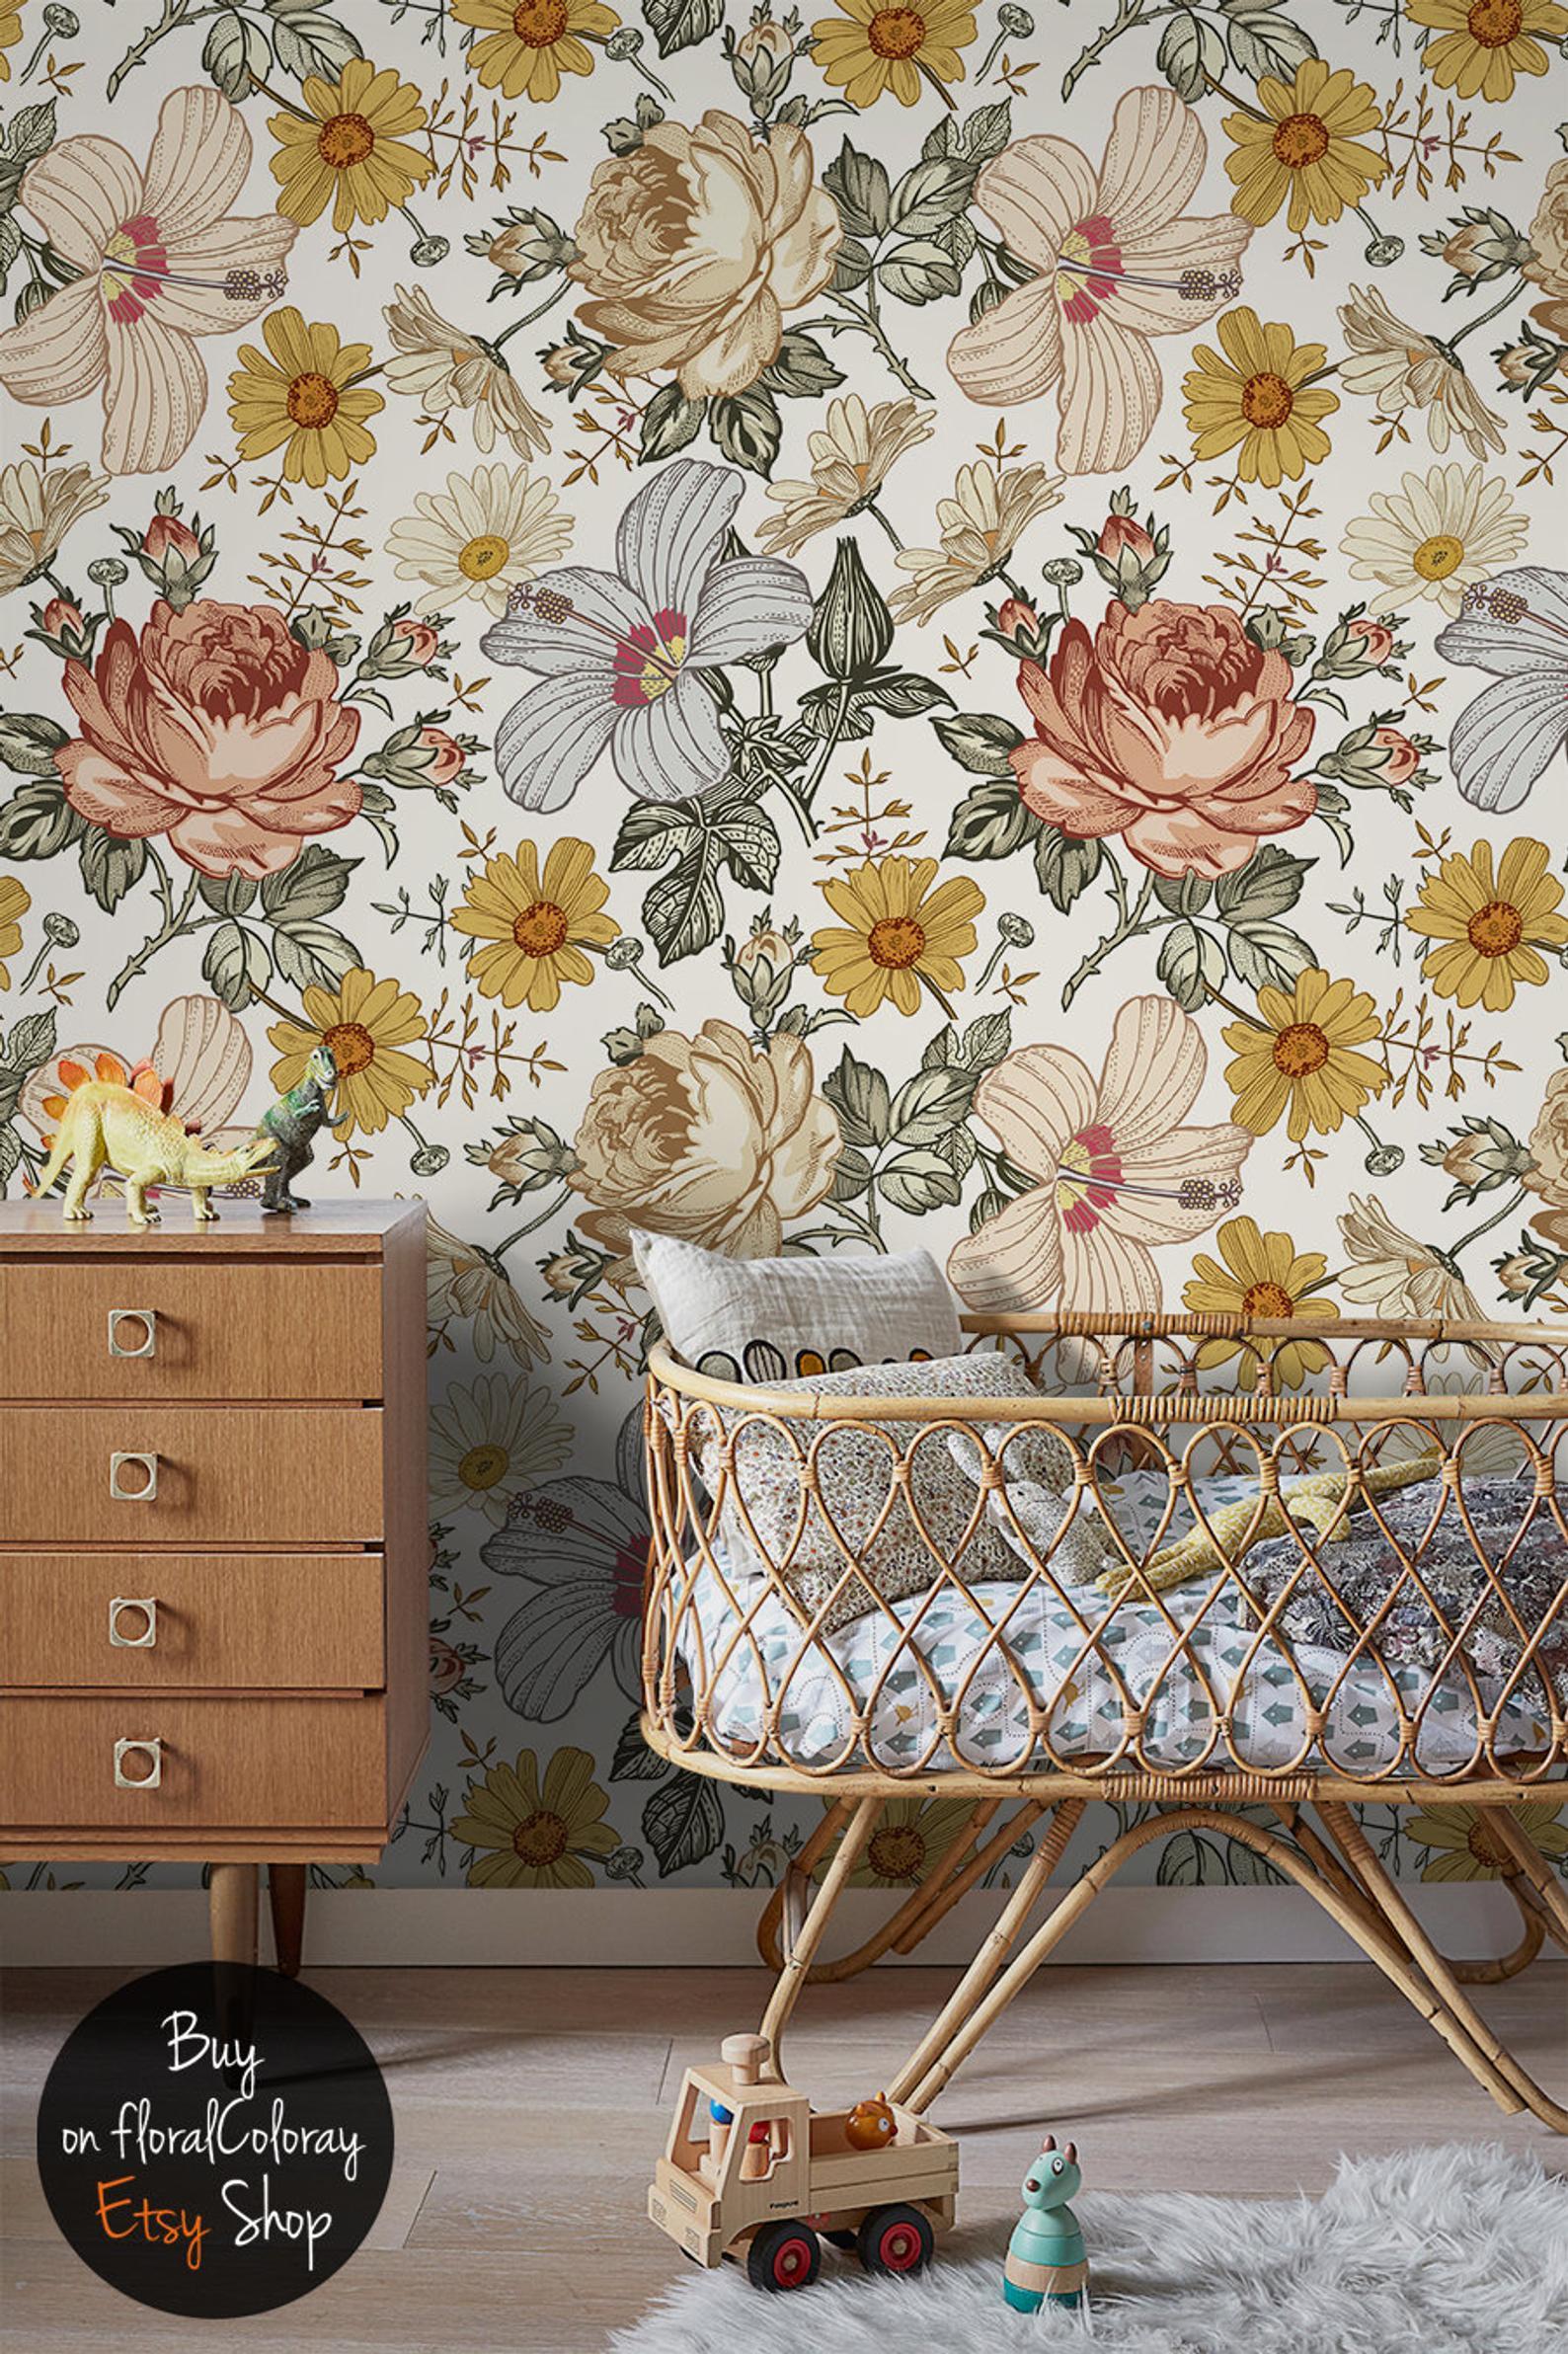 Farm Flowers Removable Wallpaper via etsy